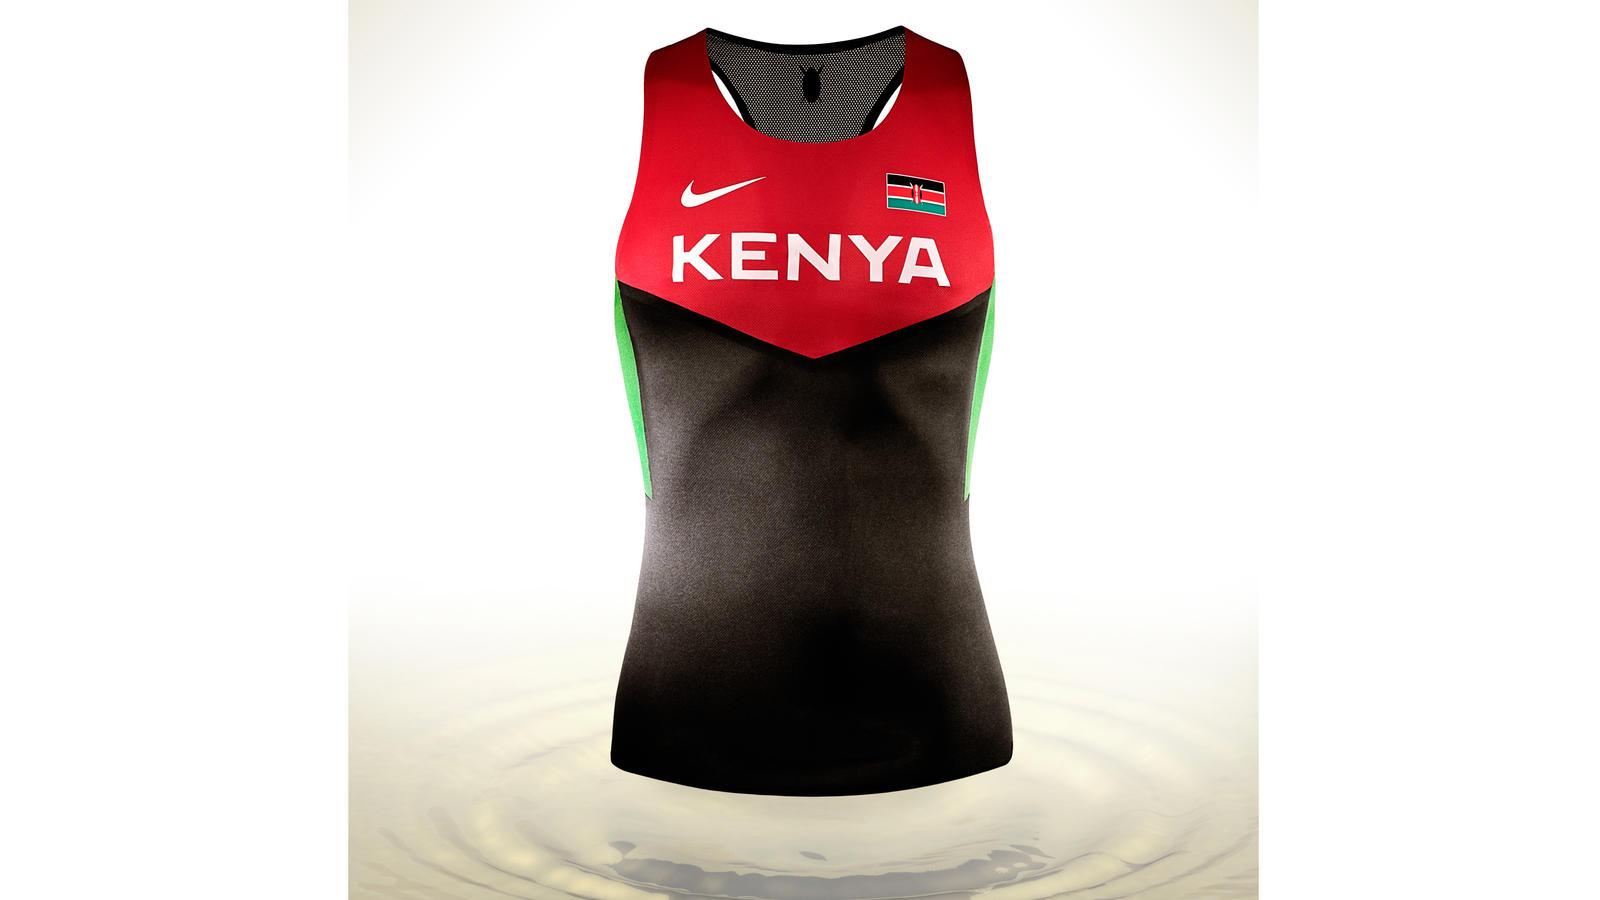 nike_running_kenya_concept_original